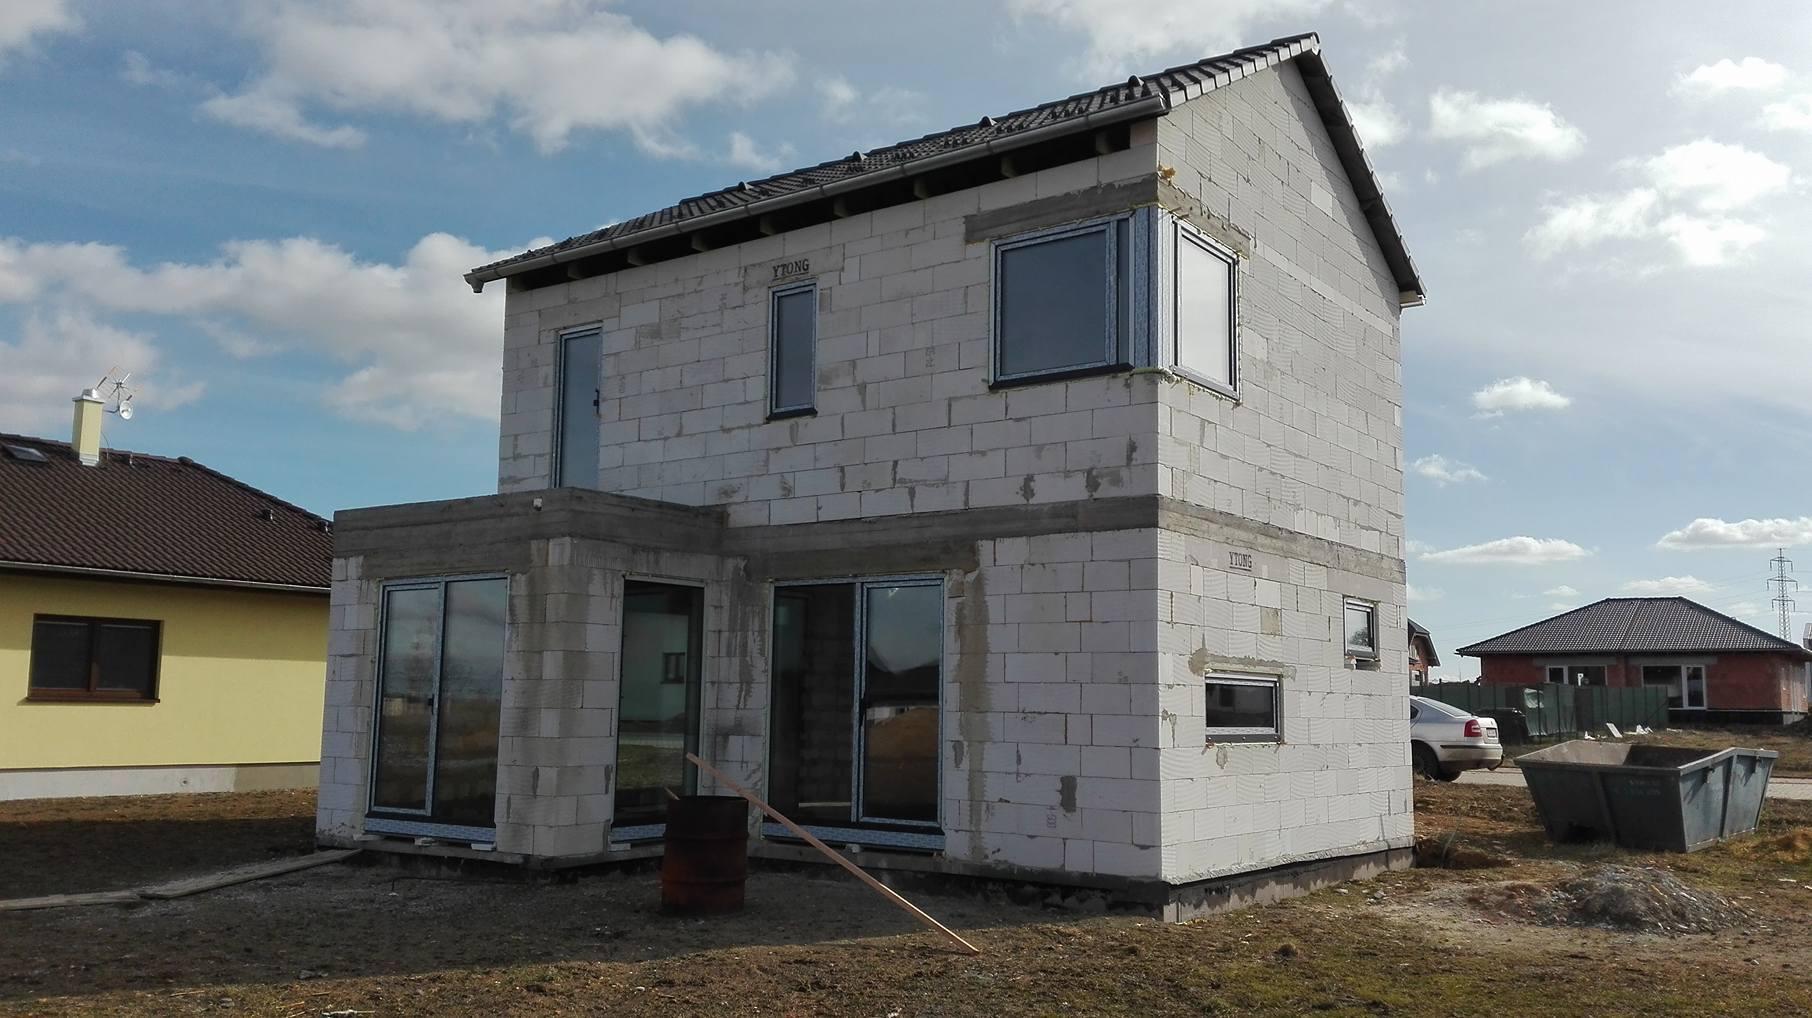 Stavba domu na kraji Prahy - Pohled na jedno z rohových oken, které jsem si do domu zvolila.